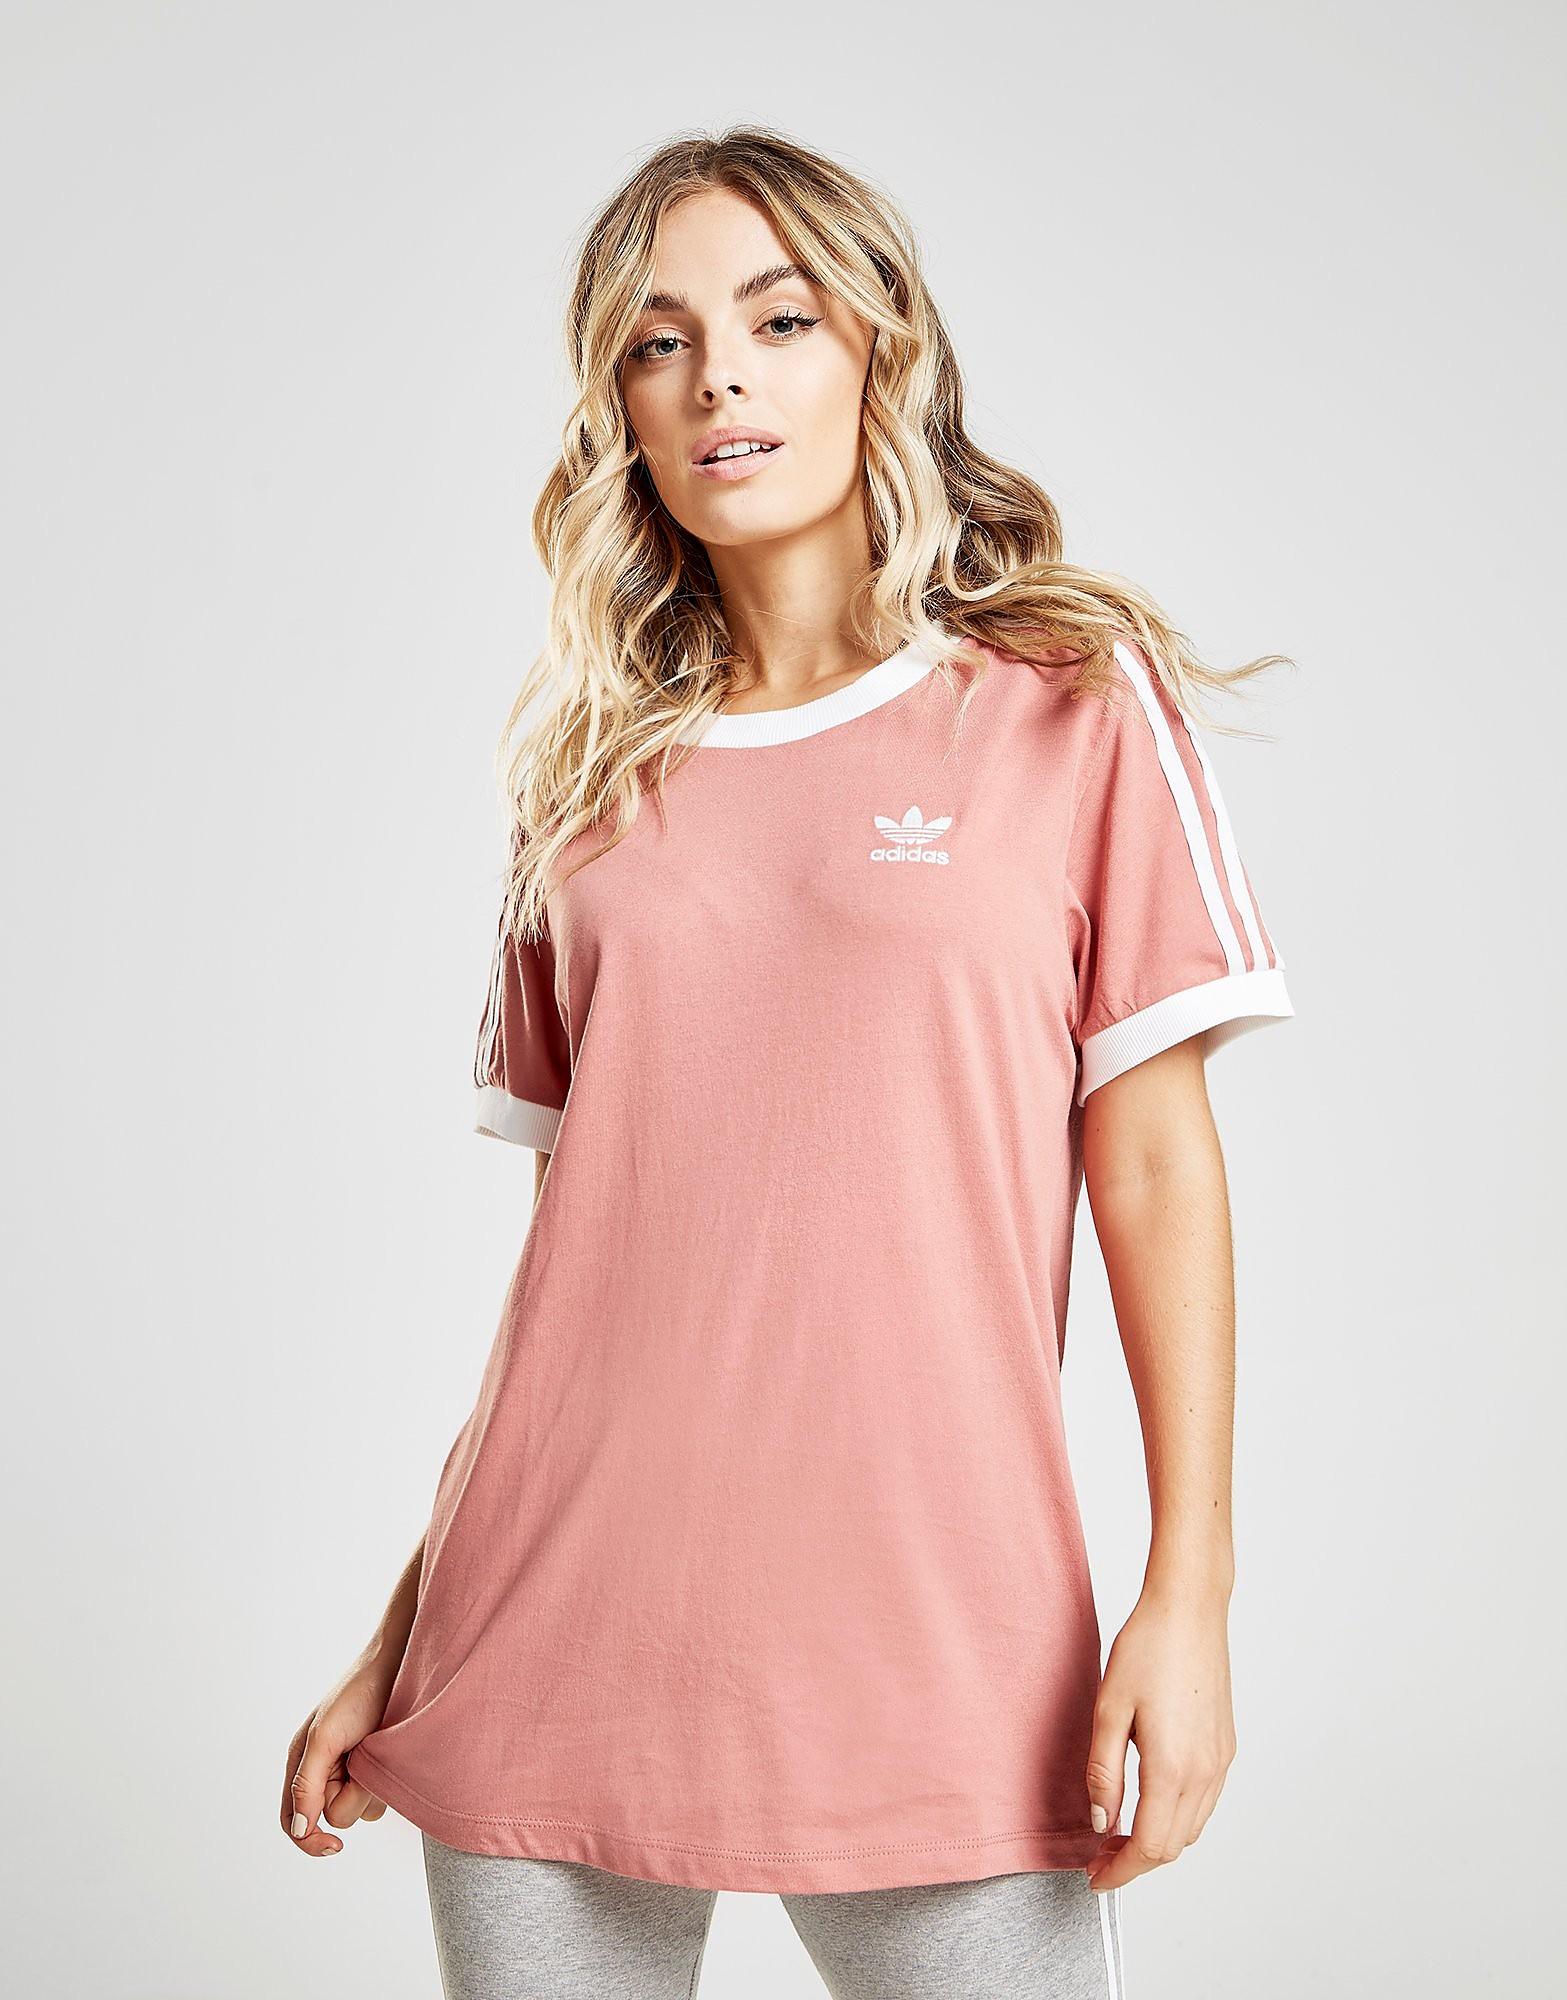 adidas Originals 3-Stripes California T-Shirt Dame